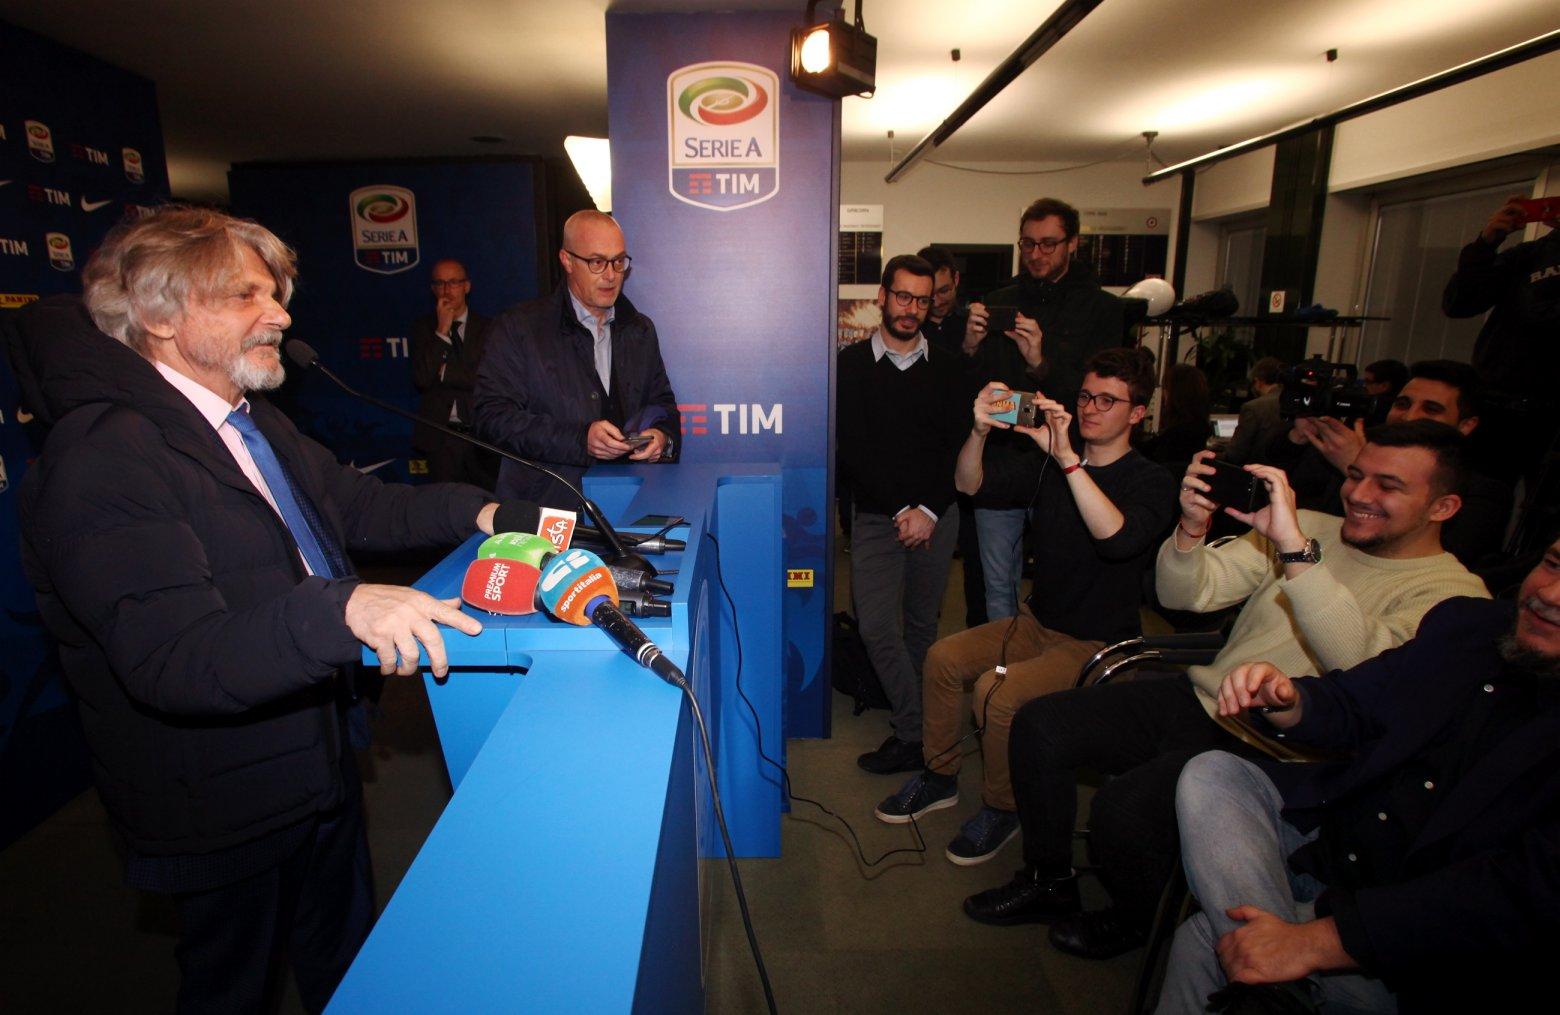 Diritti Tv Serie A 2018 - 2021, MediaPro rassicura club fra dubbi, lettere e inviti a cena